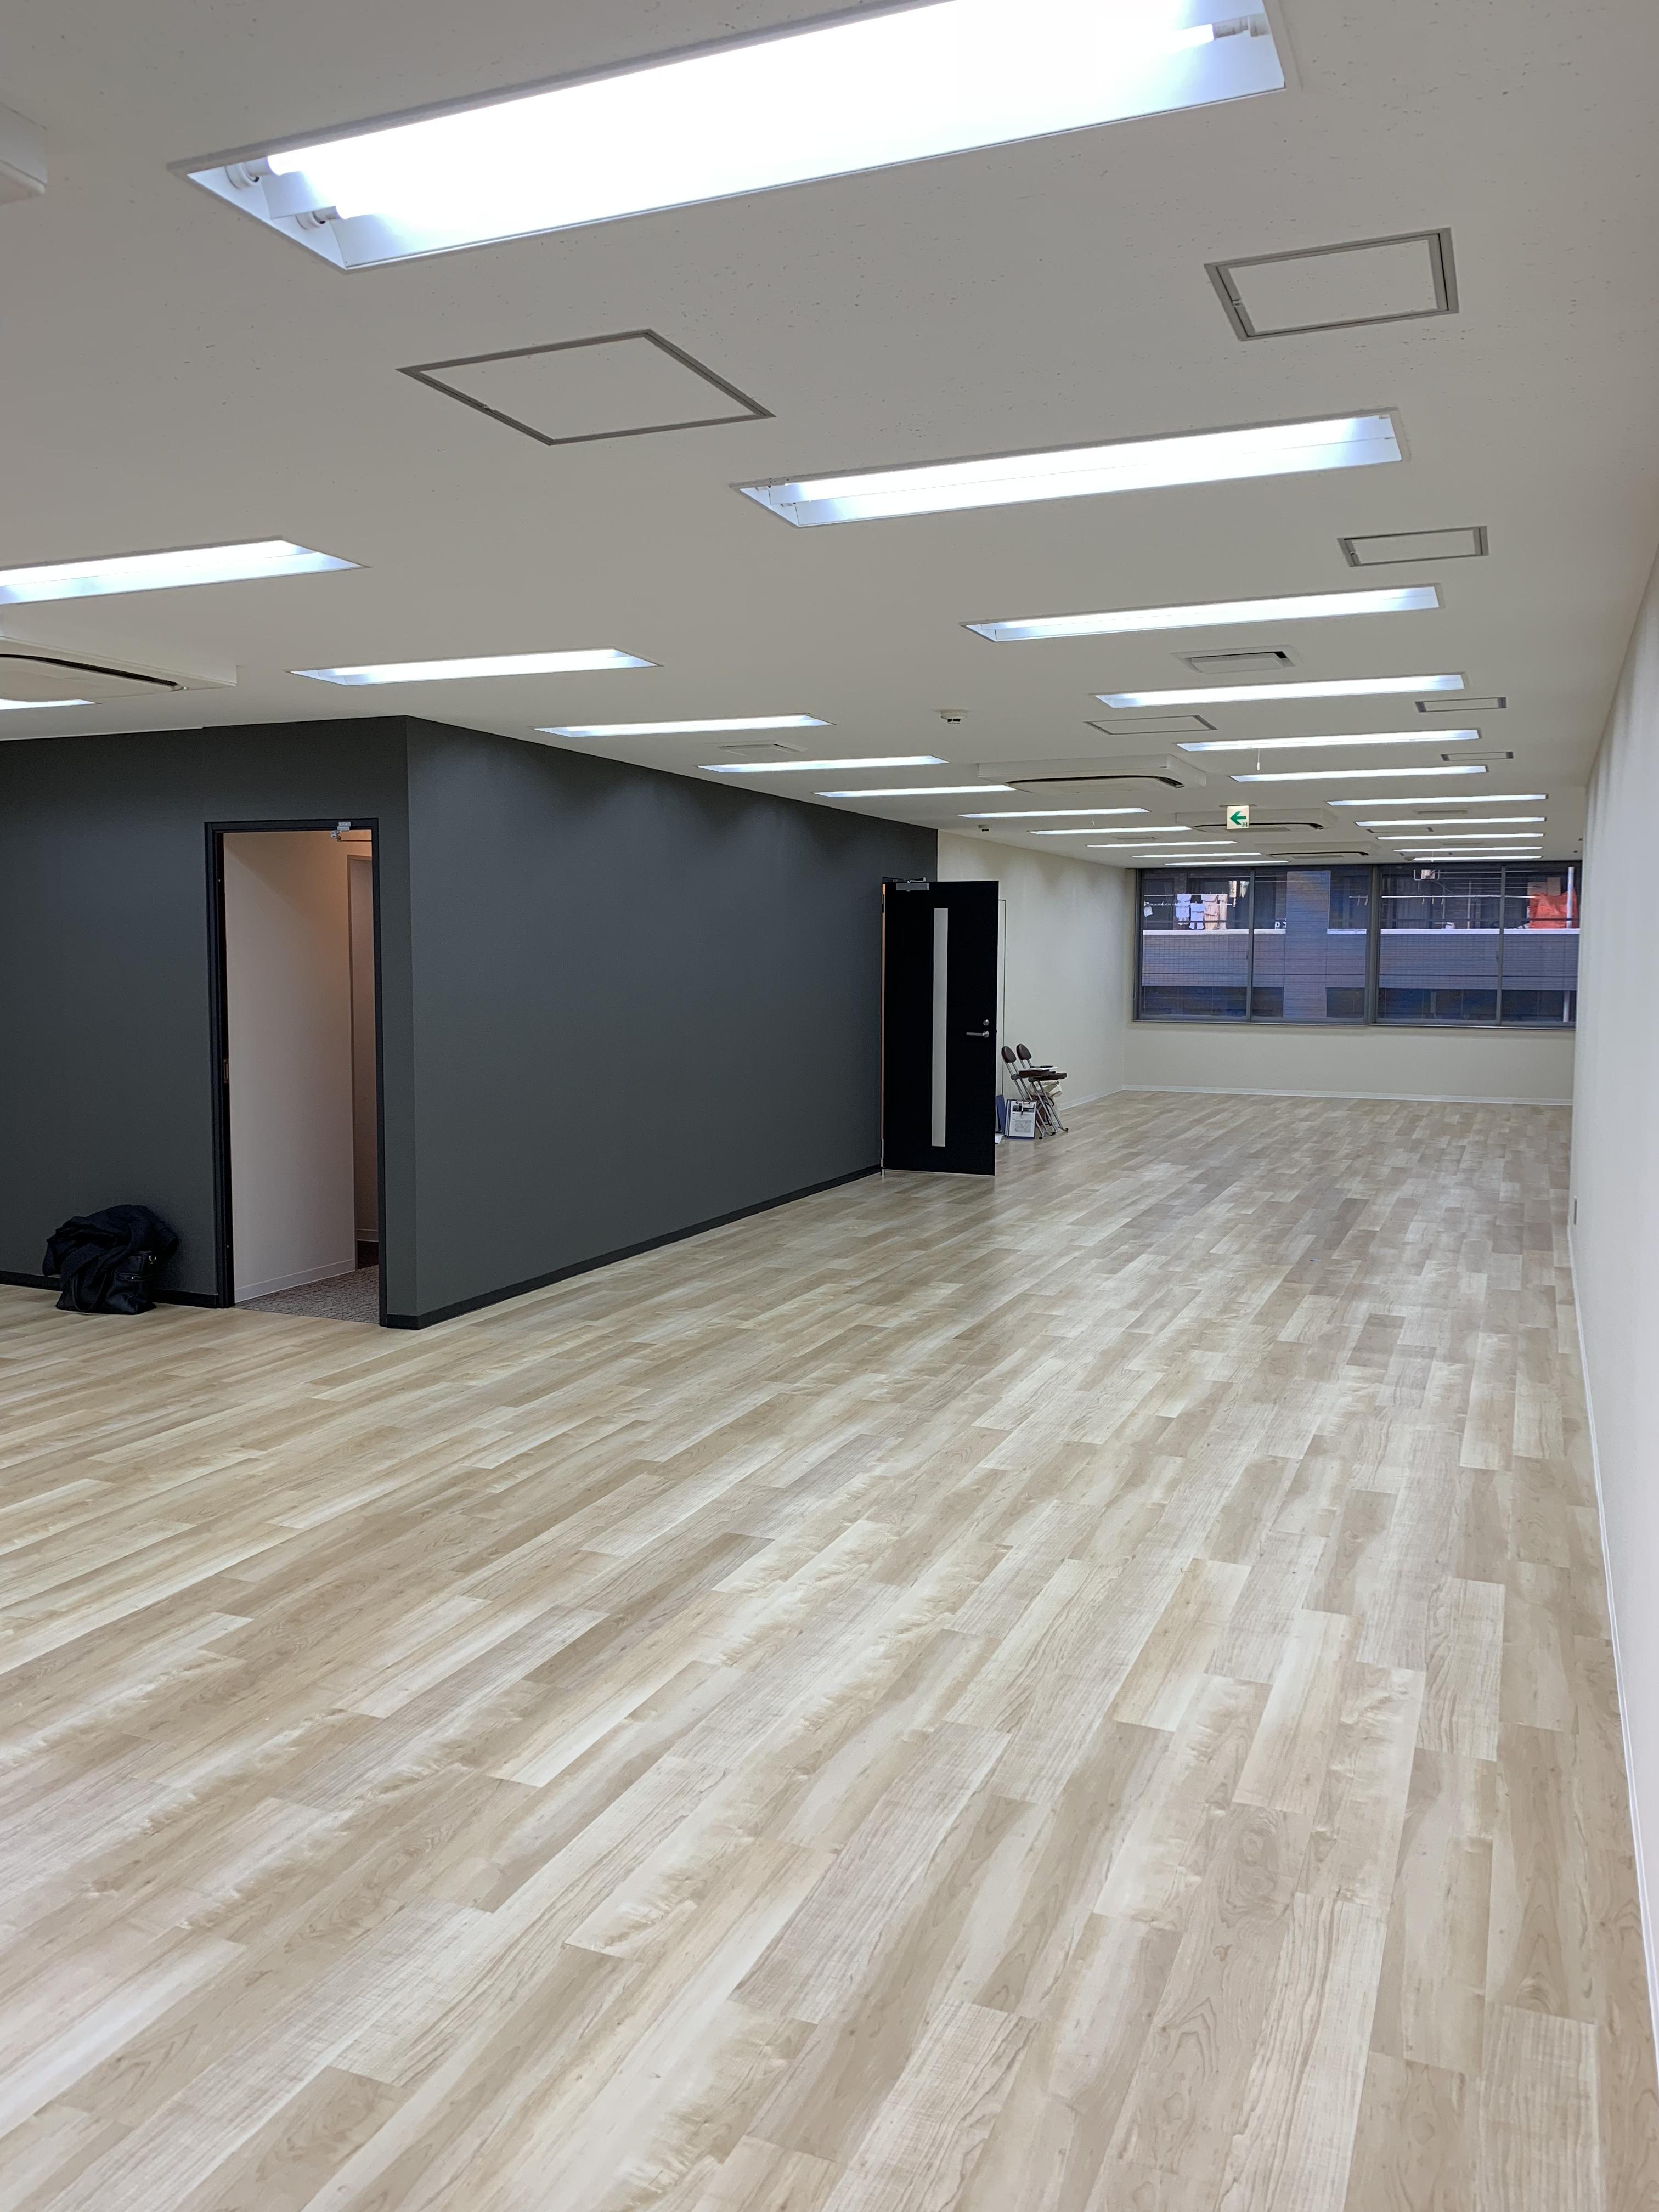 【リノベオフィス】LEDで省エネ!人形町<br>受付の造作があるフローリングのオフィス